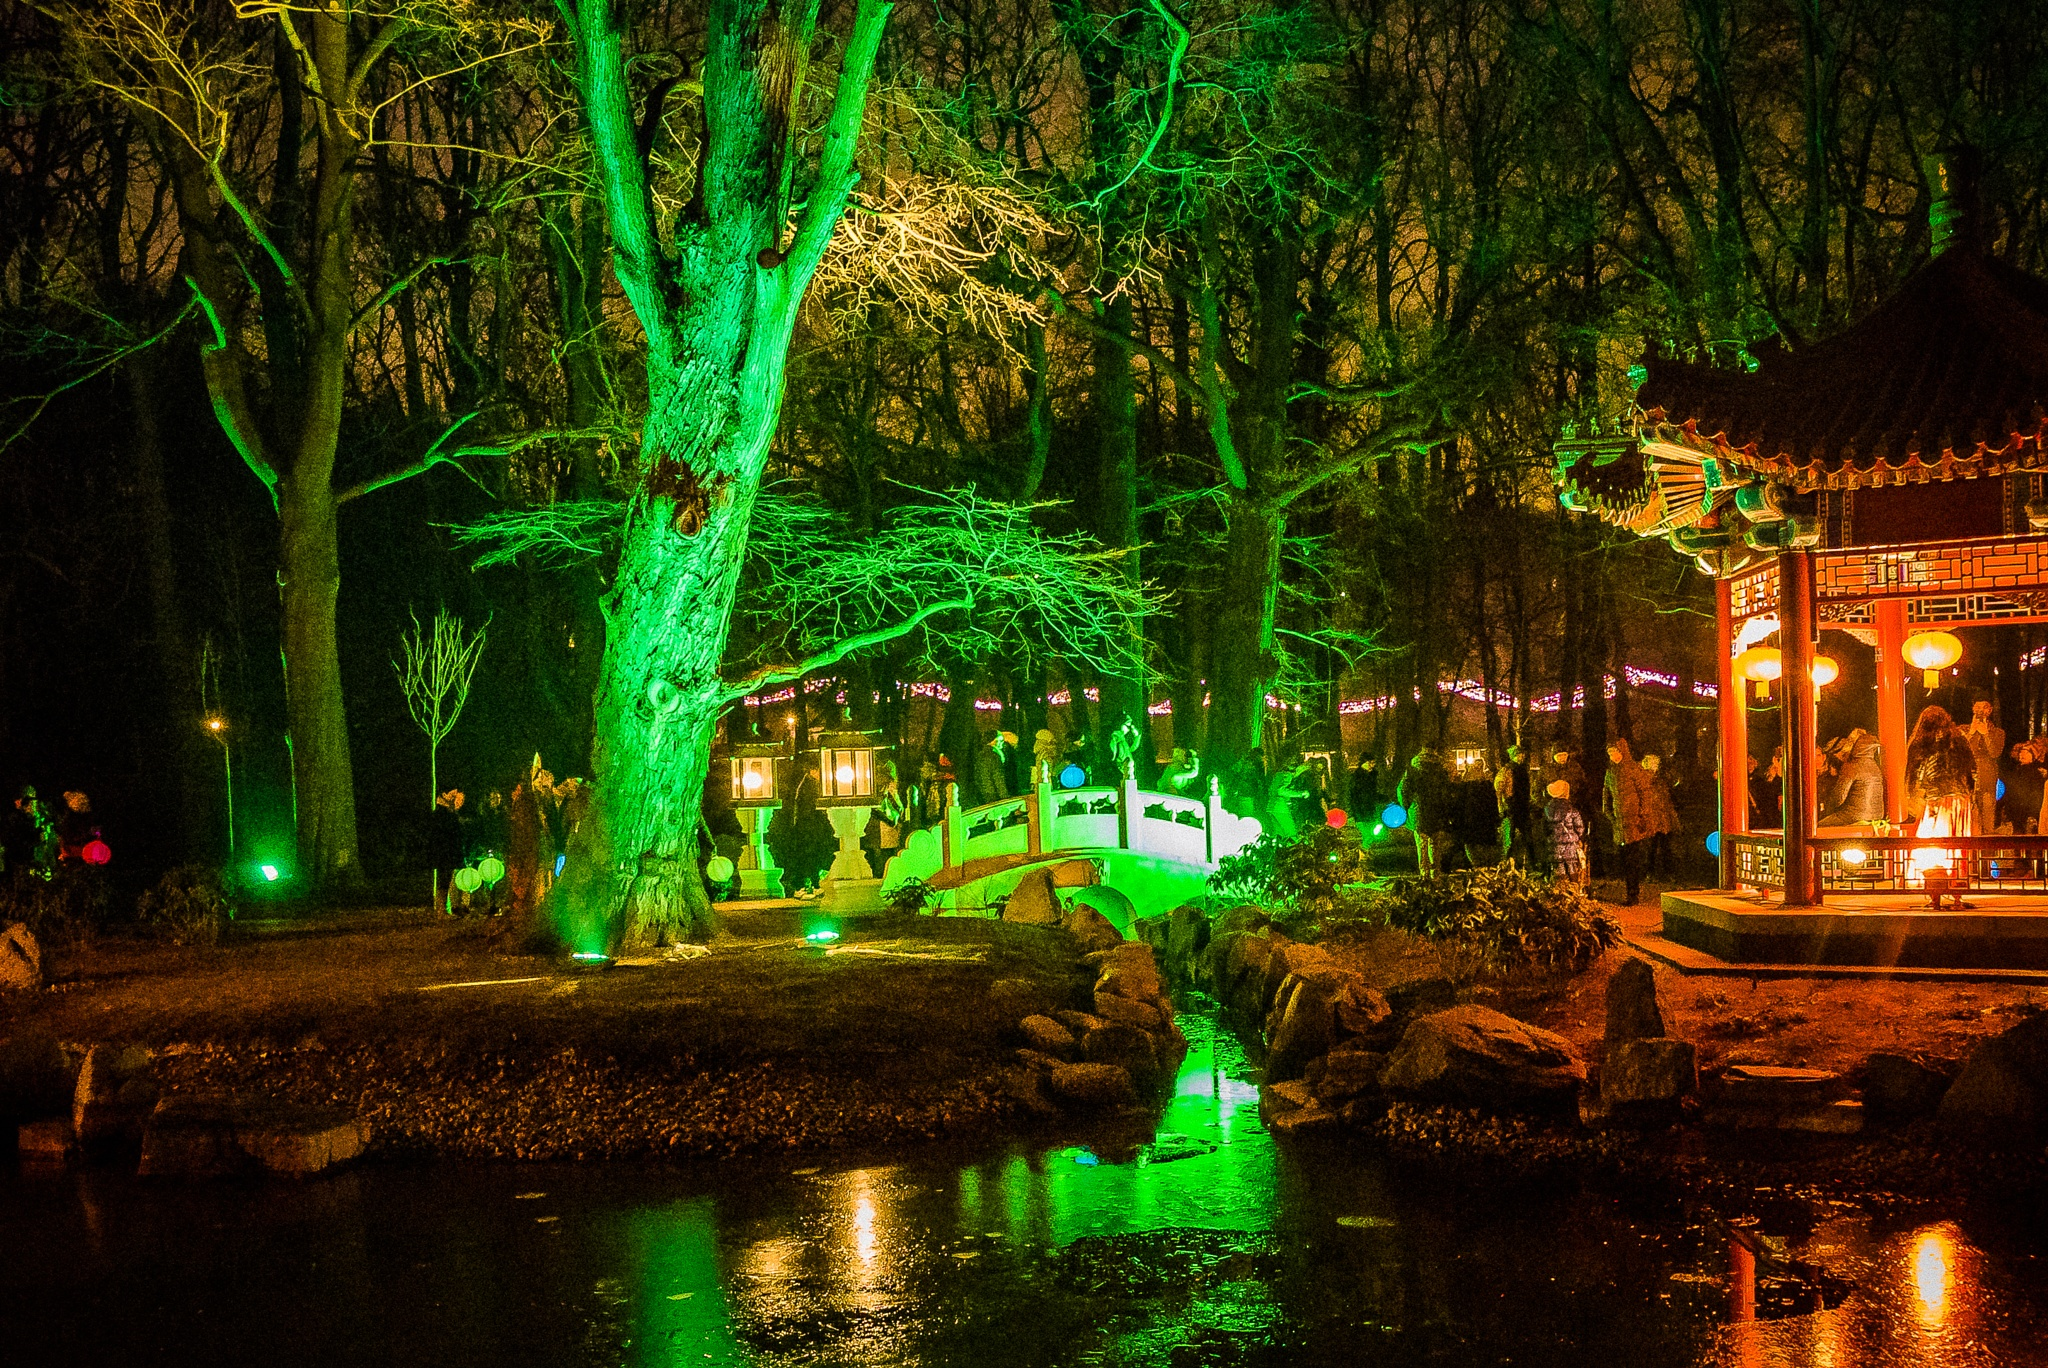 Gardens of light - Warsaw, Łazienki królewskie 2016 by Samar_WD